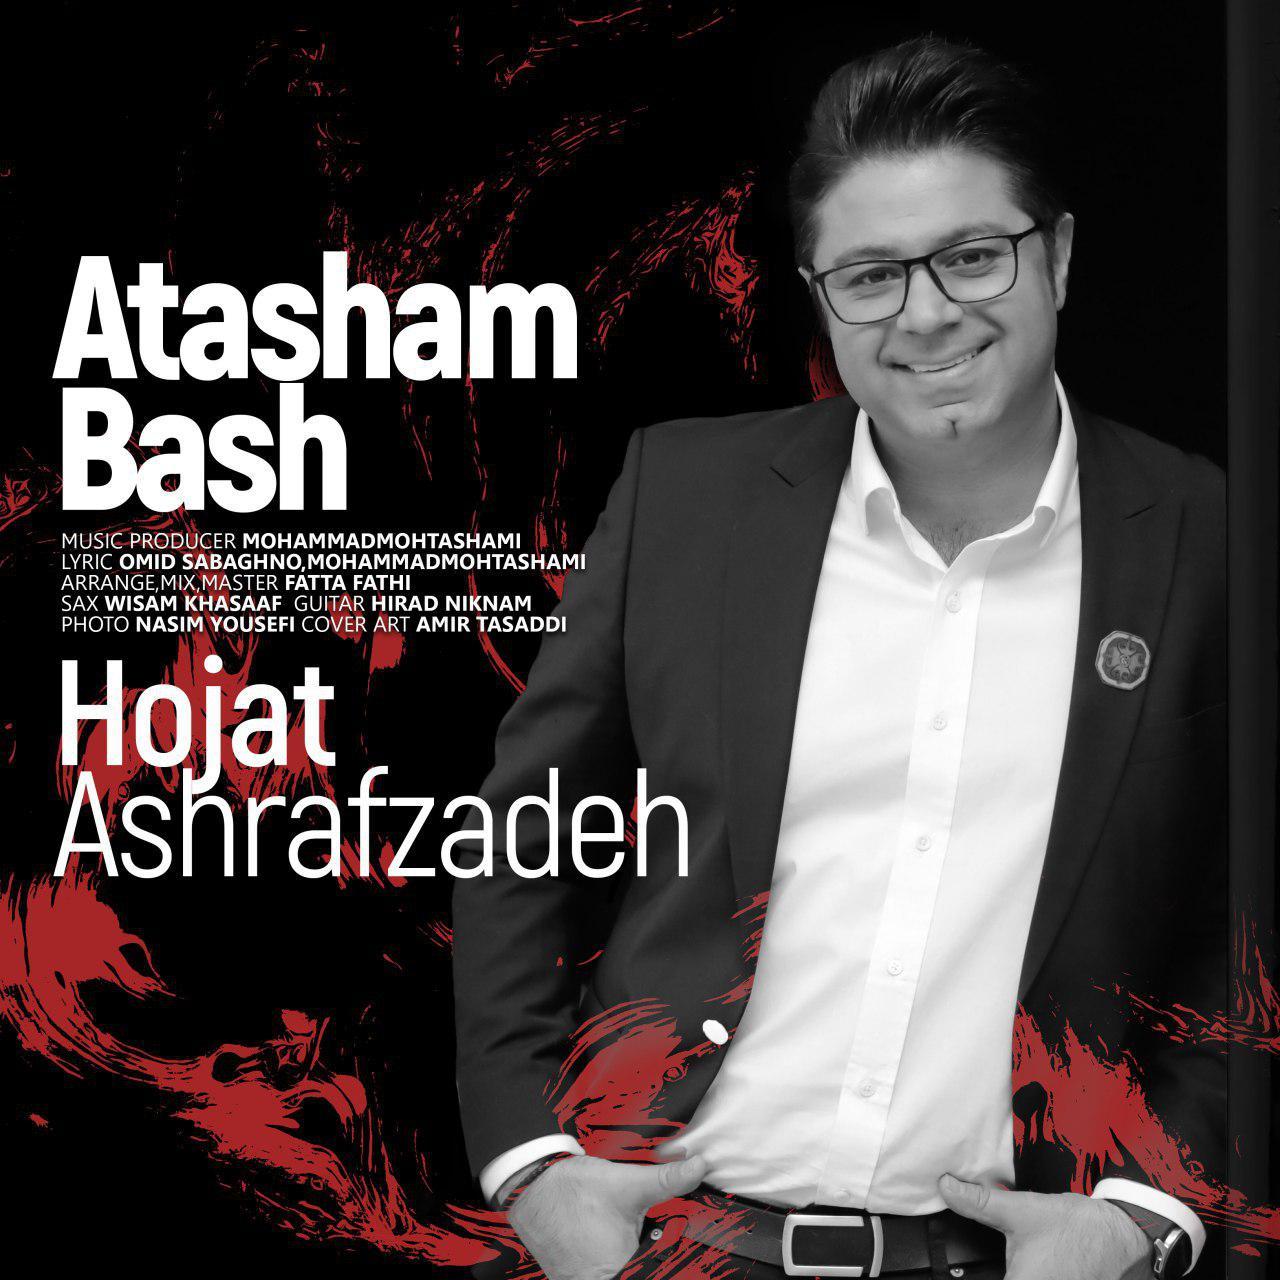 Hojat Ashrafzadeh - Atasham Bash Music | آهنگ حجت اشرف زاده - آتشم باش